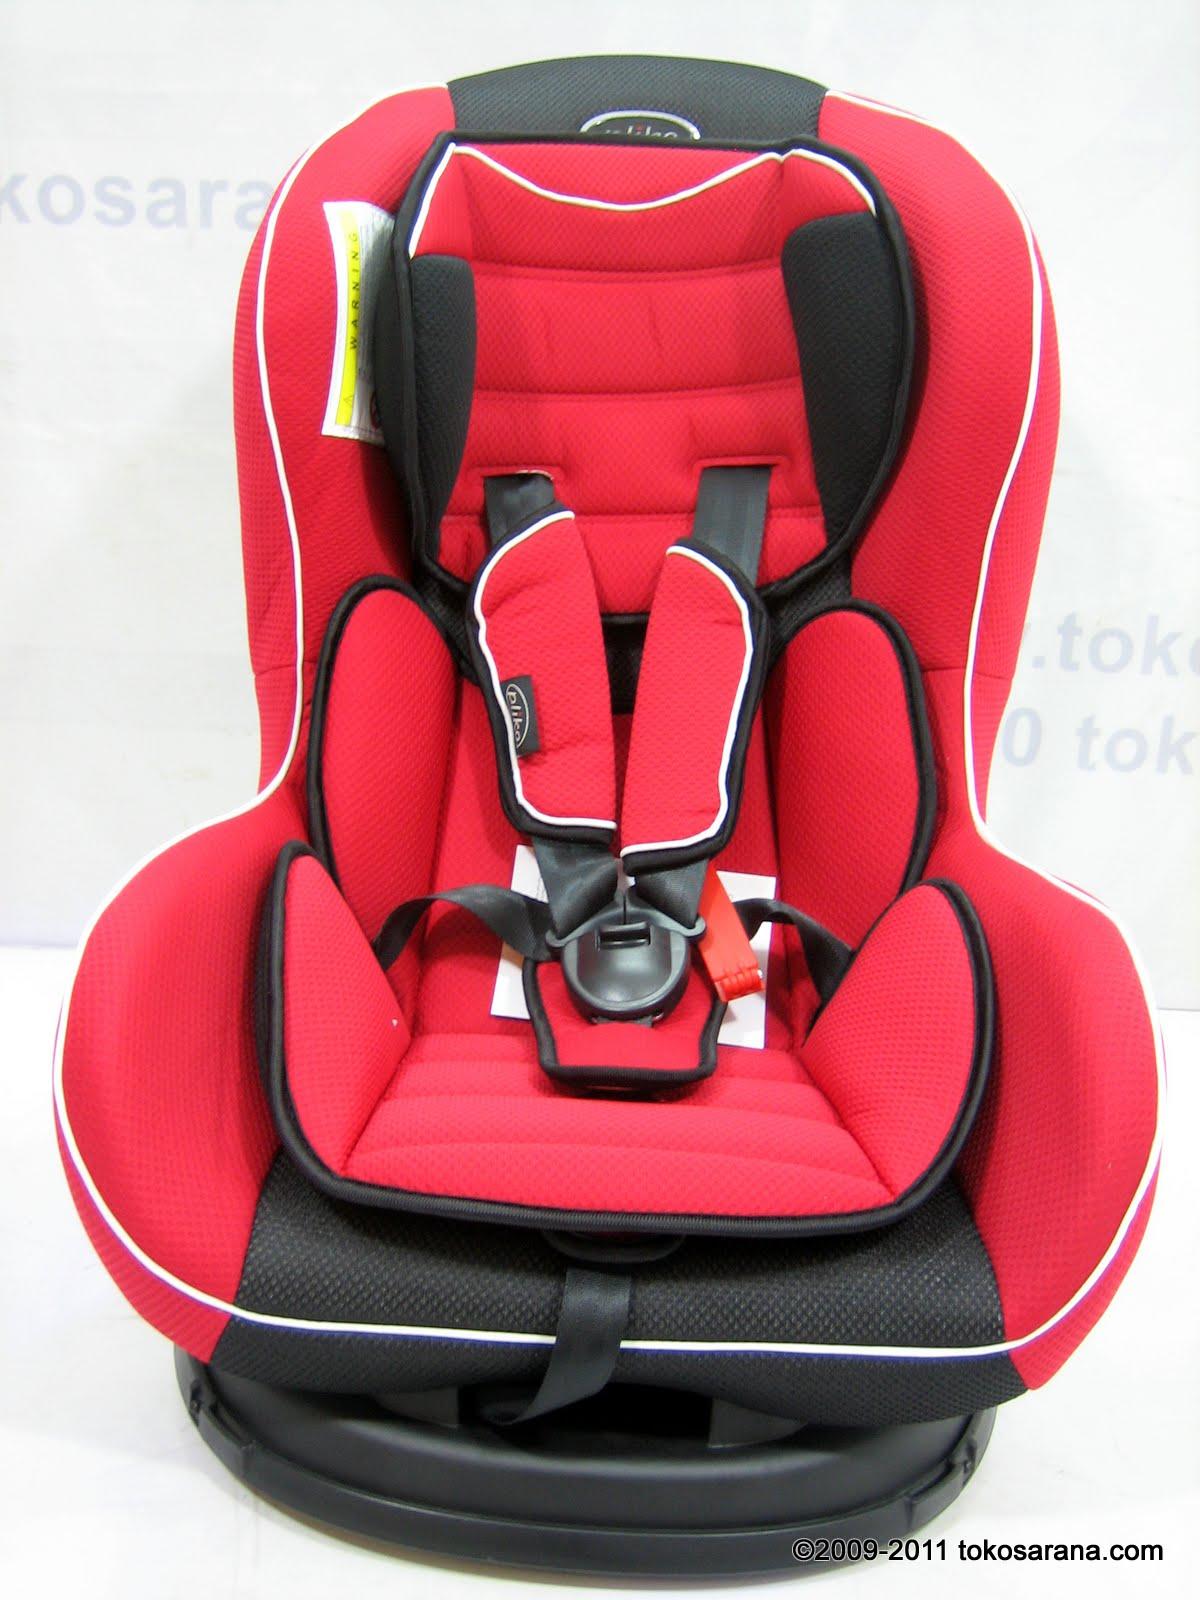 Clearance Sale: Sepeda, Mainan Anak dan Perlengkapan Bayi ...